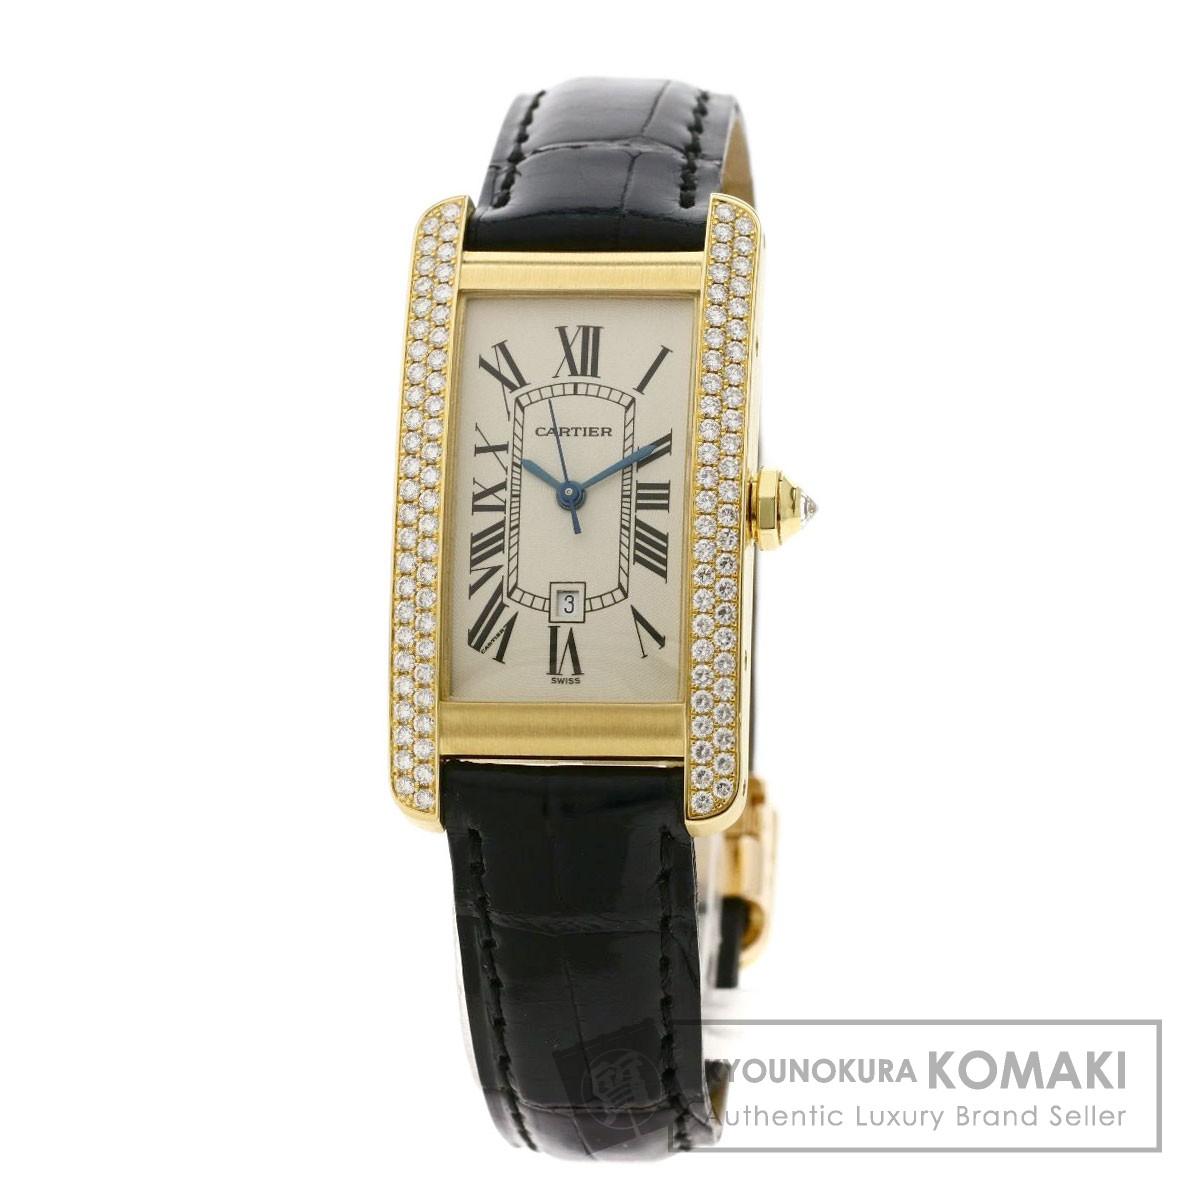 【即納&大特価】 カルティエ WB701951 タンクアメリカンMM 腕時計 K18イエローゴールド/革/ダイヤモンド メンズ 【】【CARTIER】, very-pet 03f1788d